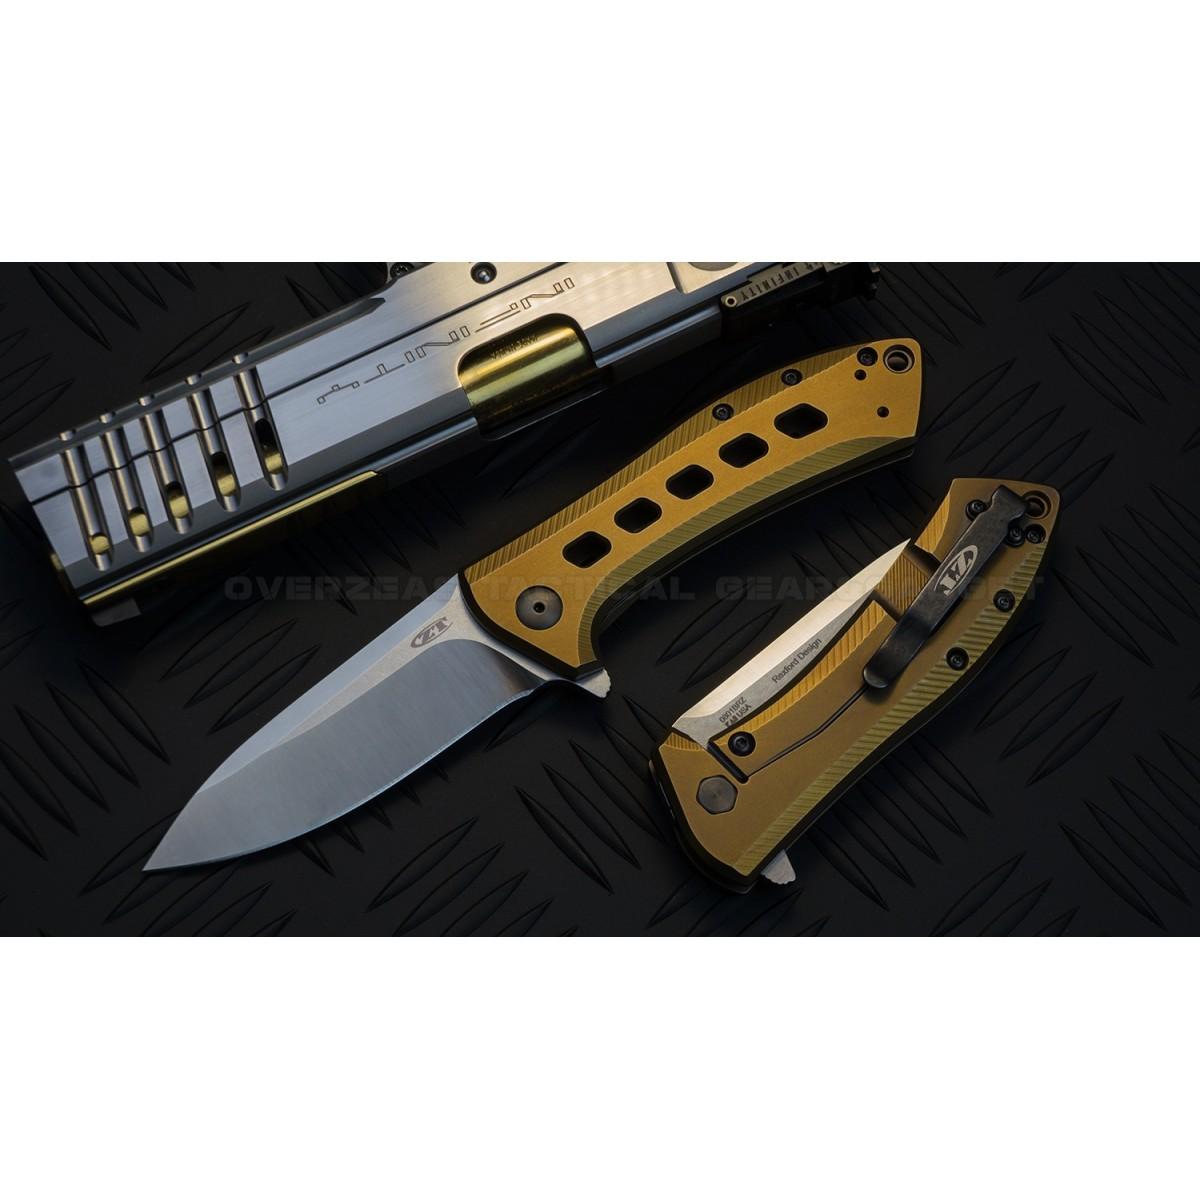 มีดพับ ZT (Zero Tolerance) 0801BRZ M390 Design by Todd Rexford * LIMITED *